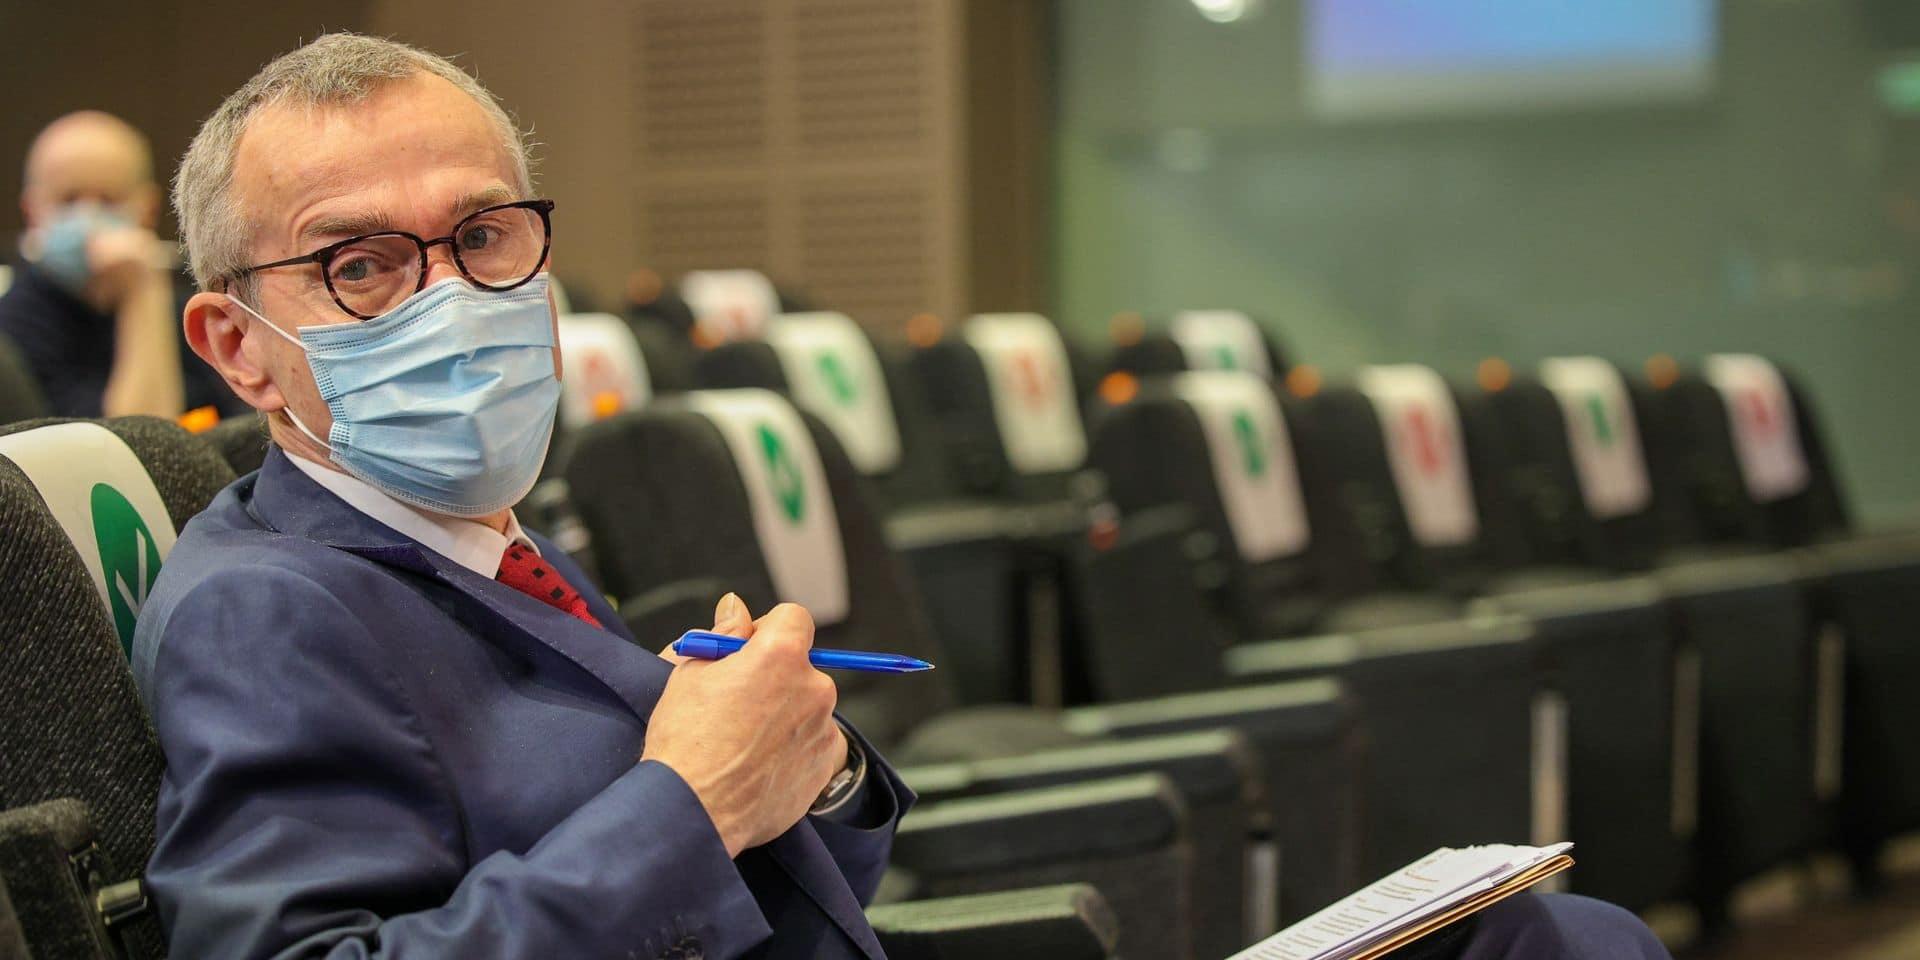 """Un déconfinement plus rapide pour les vaccinés? Frank Vandenbroucke nuance : """"La personne vaccinée ne pourra pas aller plus vite au café"""""""